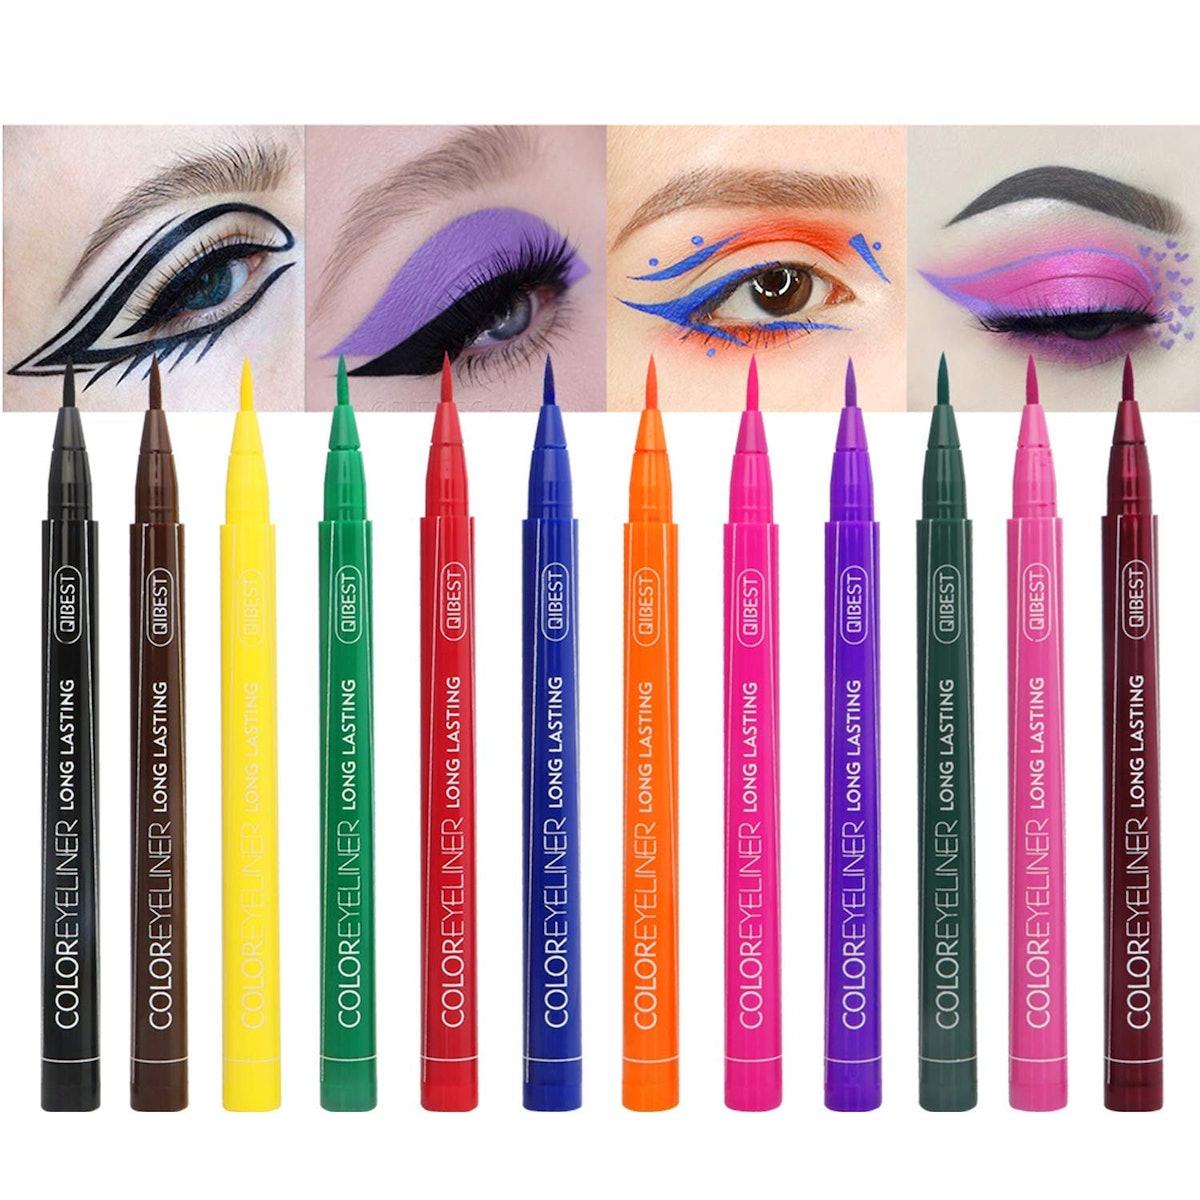 Rechoo Matte Liquid Eyeliner (12 Pack)